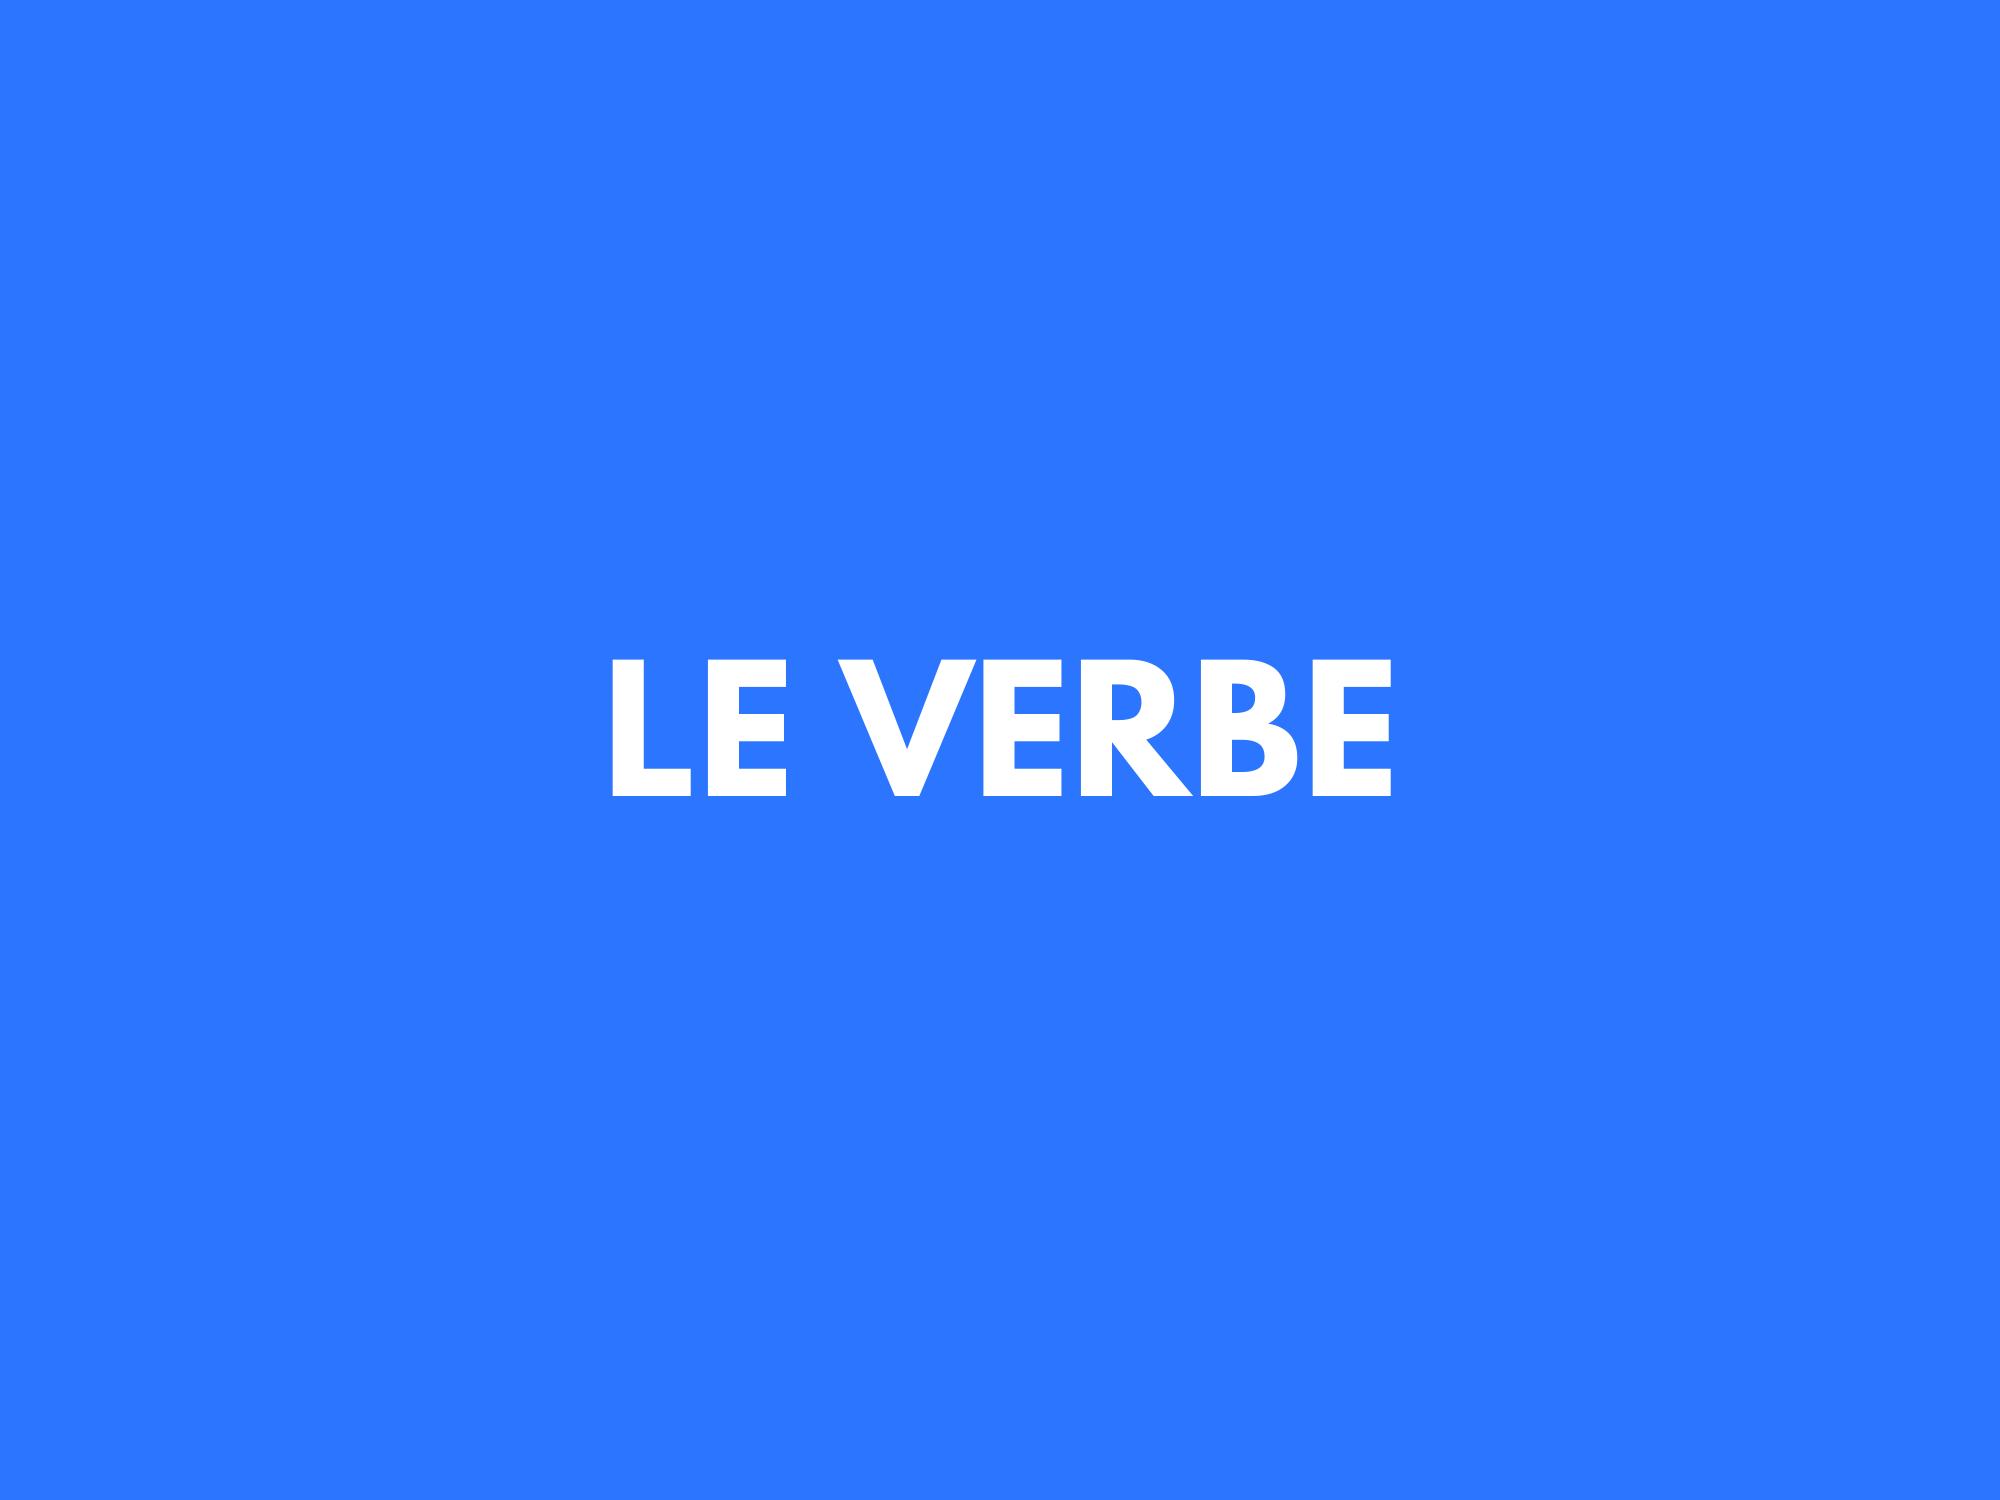 #8. Pratique le verbe avant de revendiquer le nom.